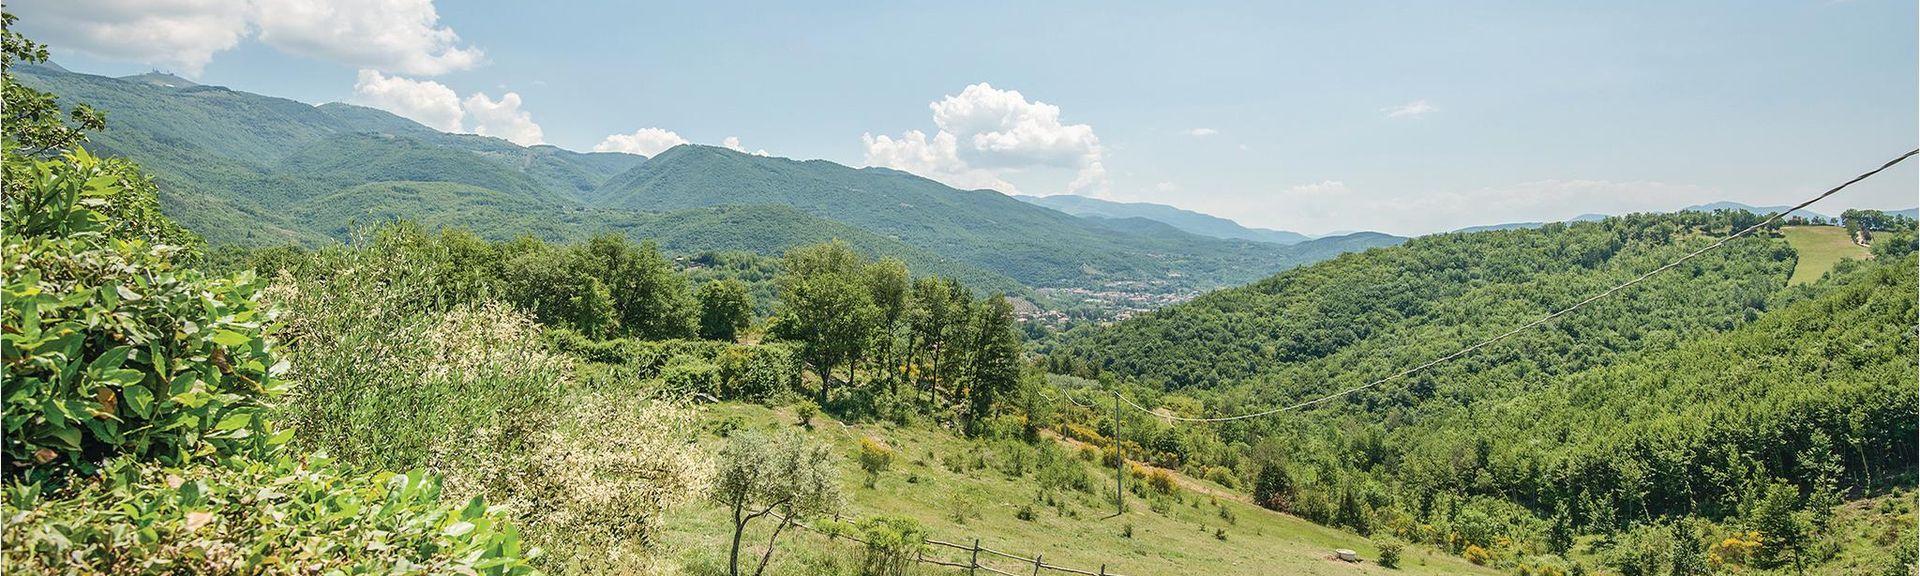 Belmonte In Sabina, Rieti, Lazio, Italy